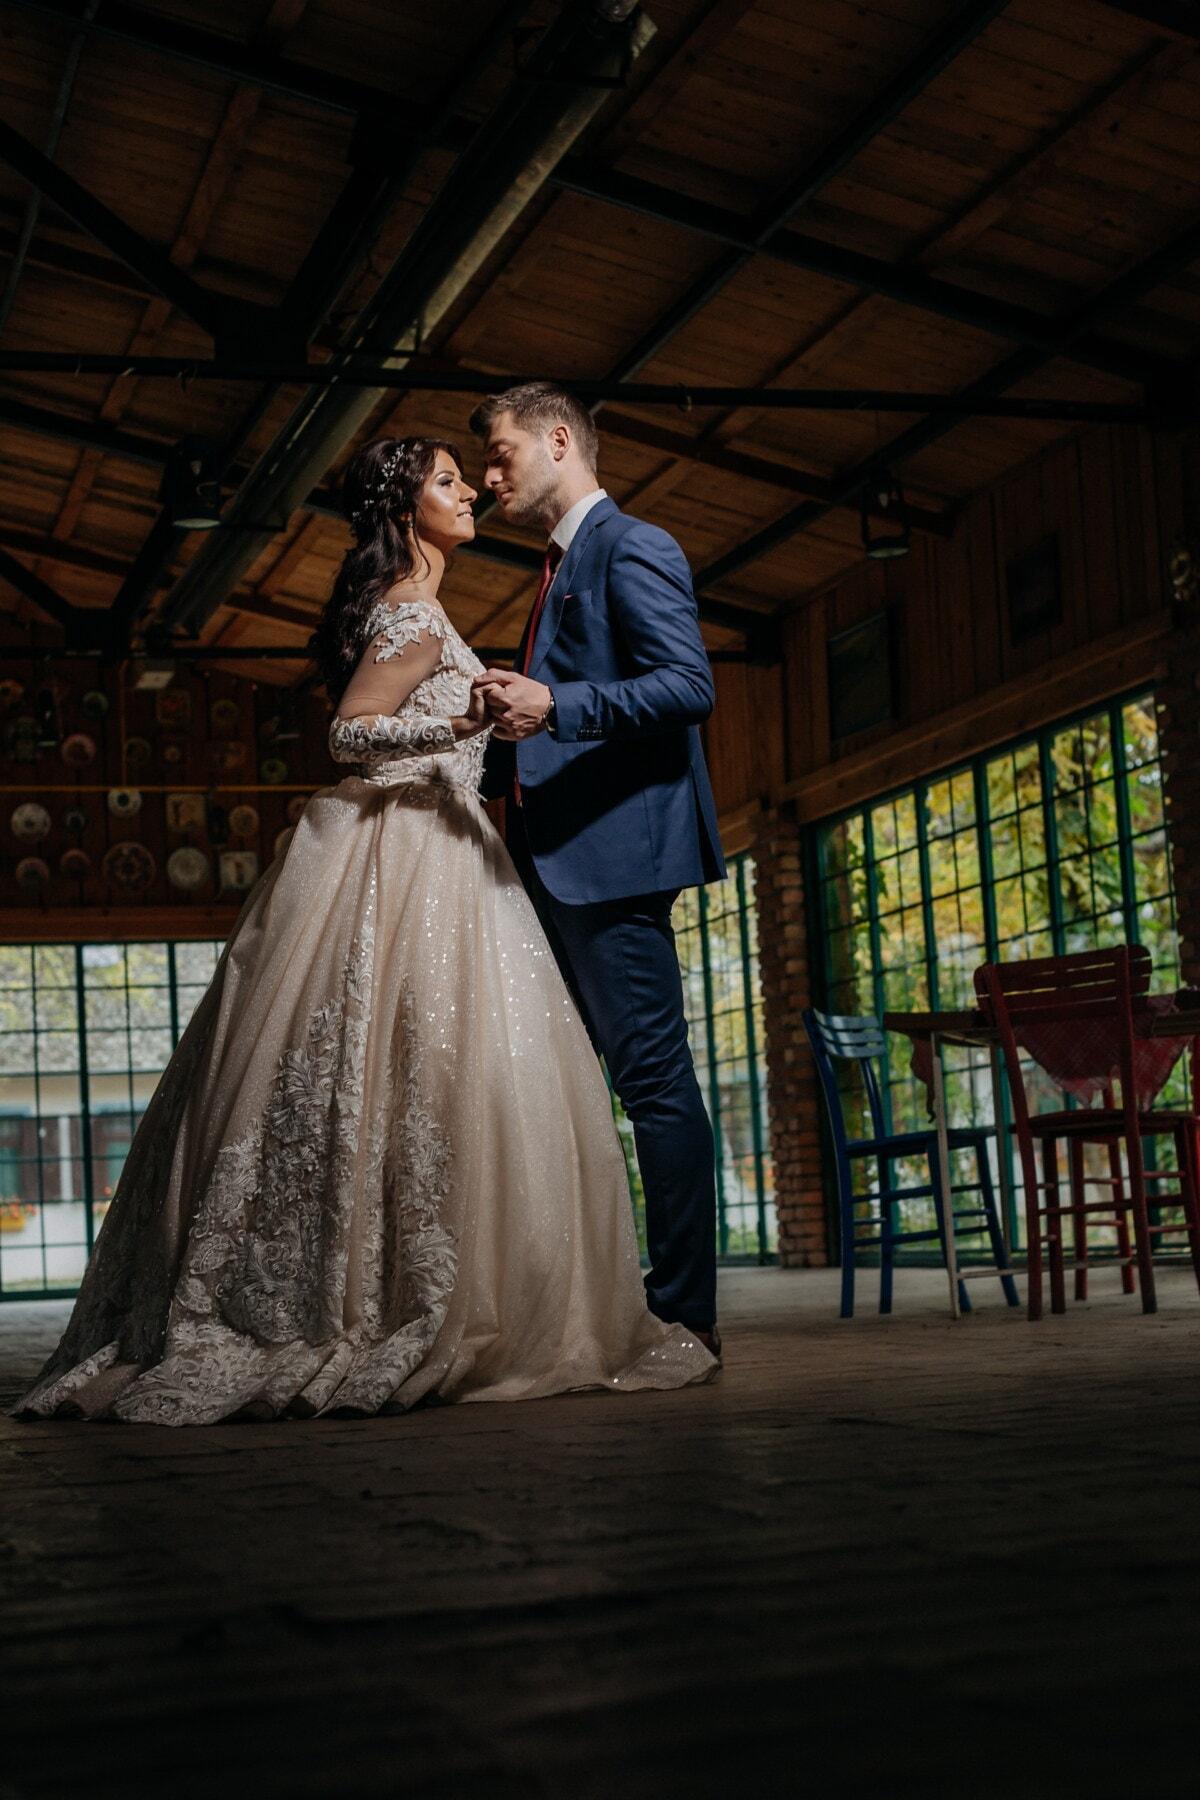 Tanz, frisch verheiratet, Braut, Bräutigam, Zuneigung, Zärtlichkeit, Restaurant, Mädchen, Hochzeit, Kleid